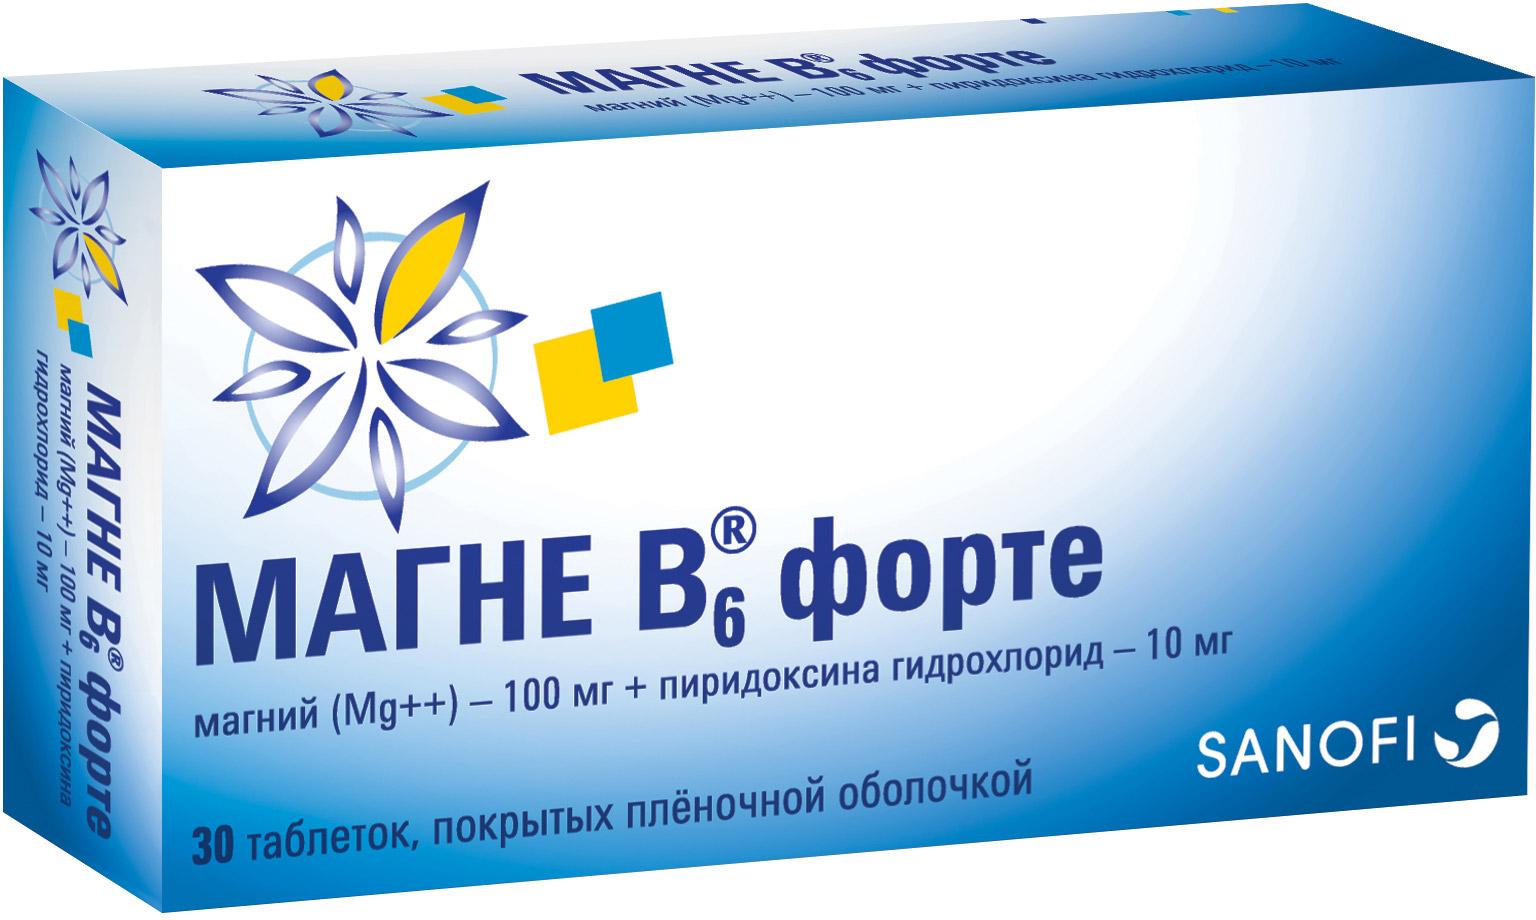 Пиридоксина гидрохлорид аналоги